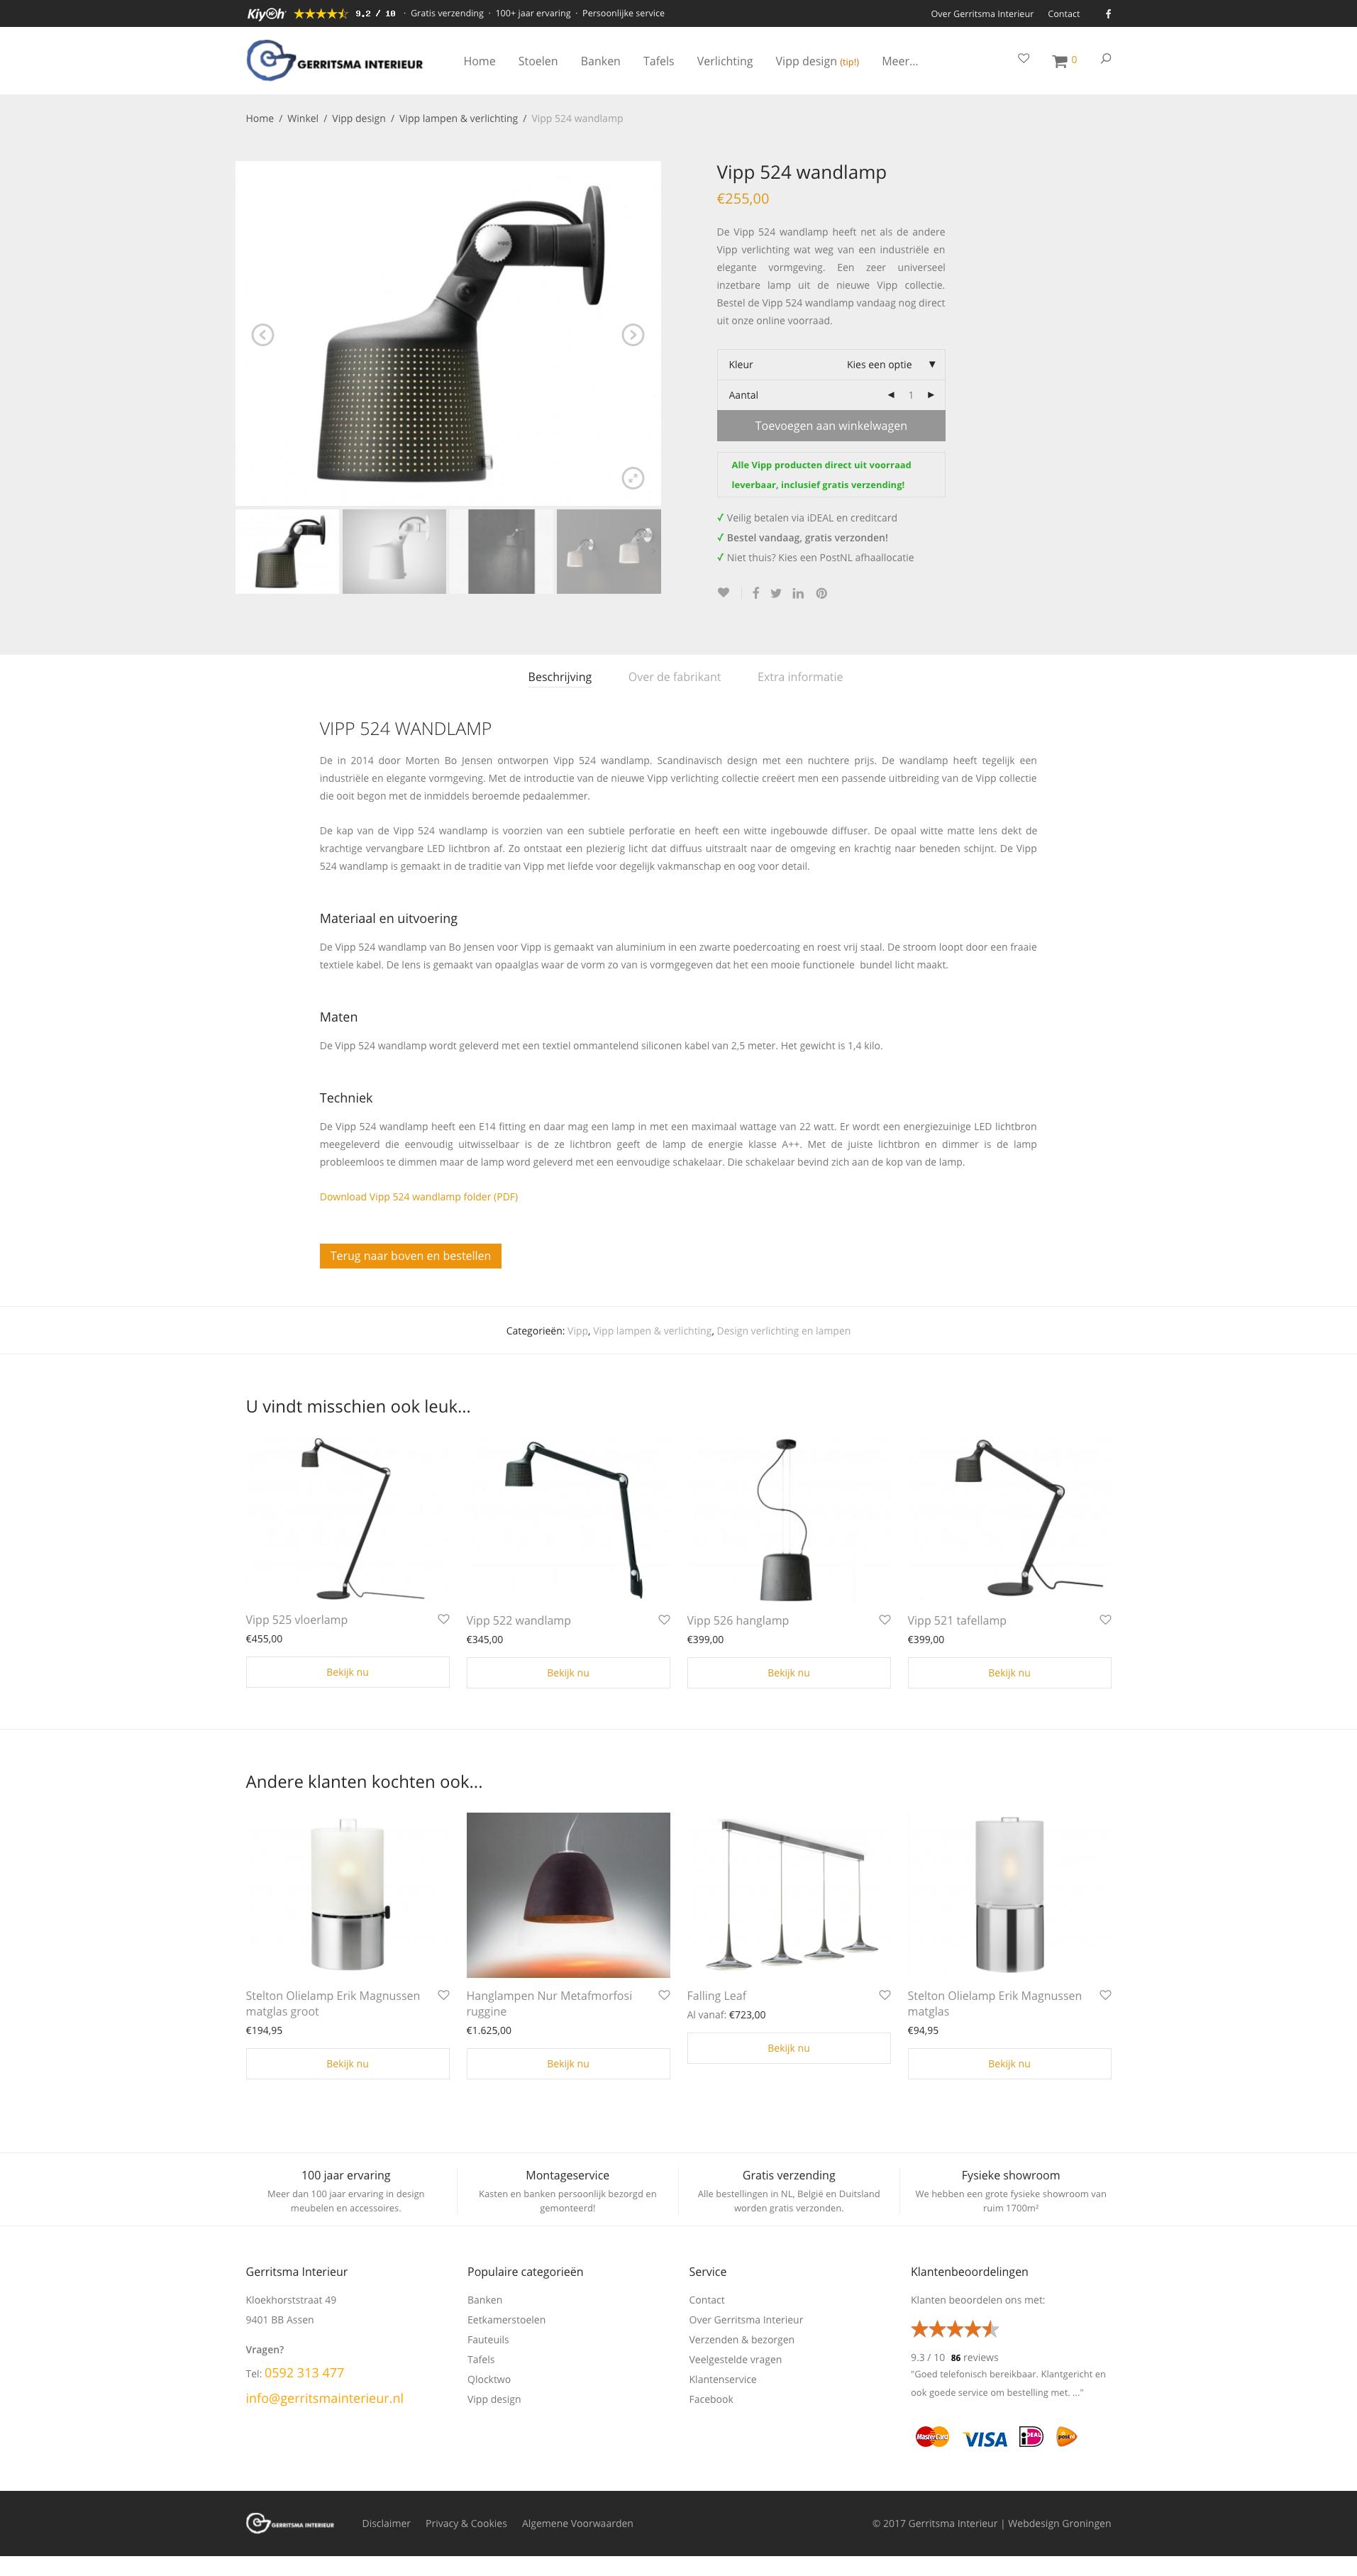 https://www.hoofdkraan.nl/download/portfolio/81561/screencapture-gerritsmainterieur-nl-winkel-verlichting-vipp-524-wandlamp-1506621860946.png